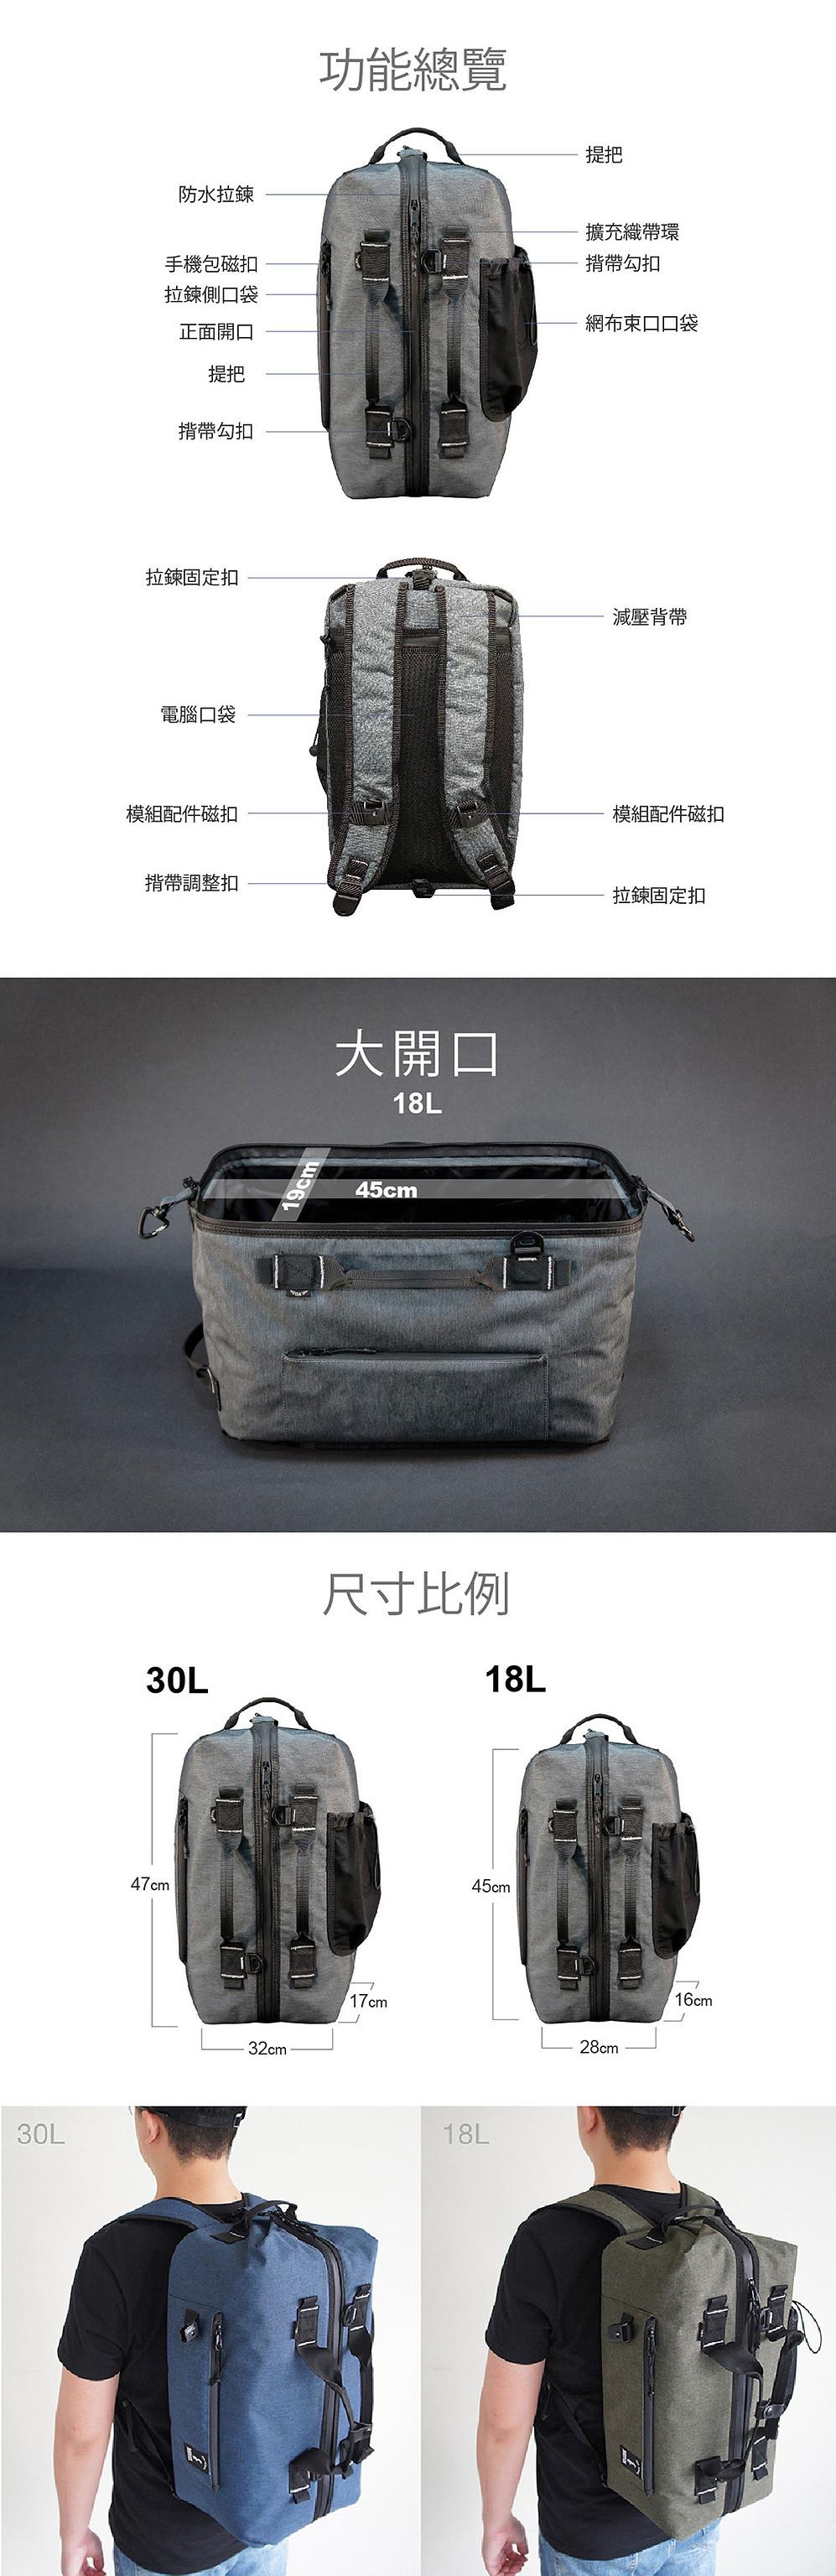 摩藝客產品介紹_2.jpg